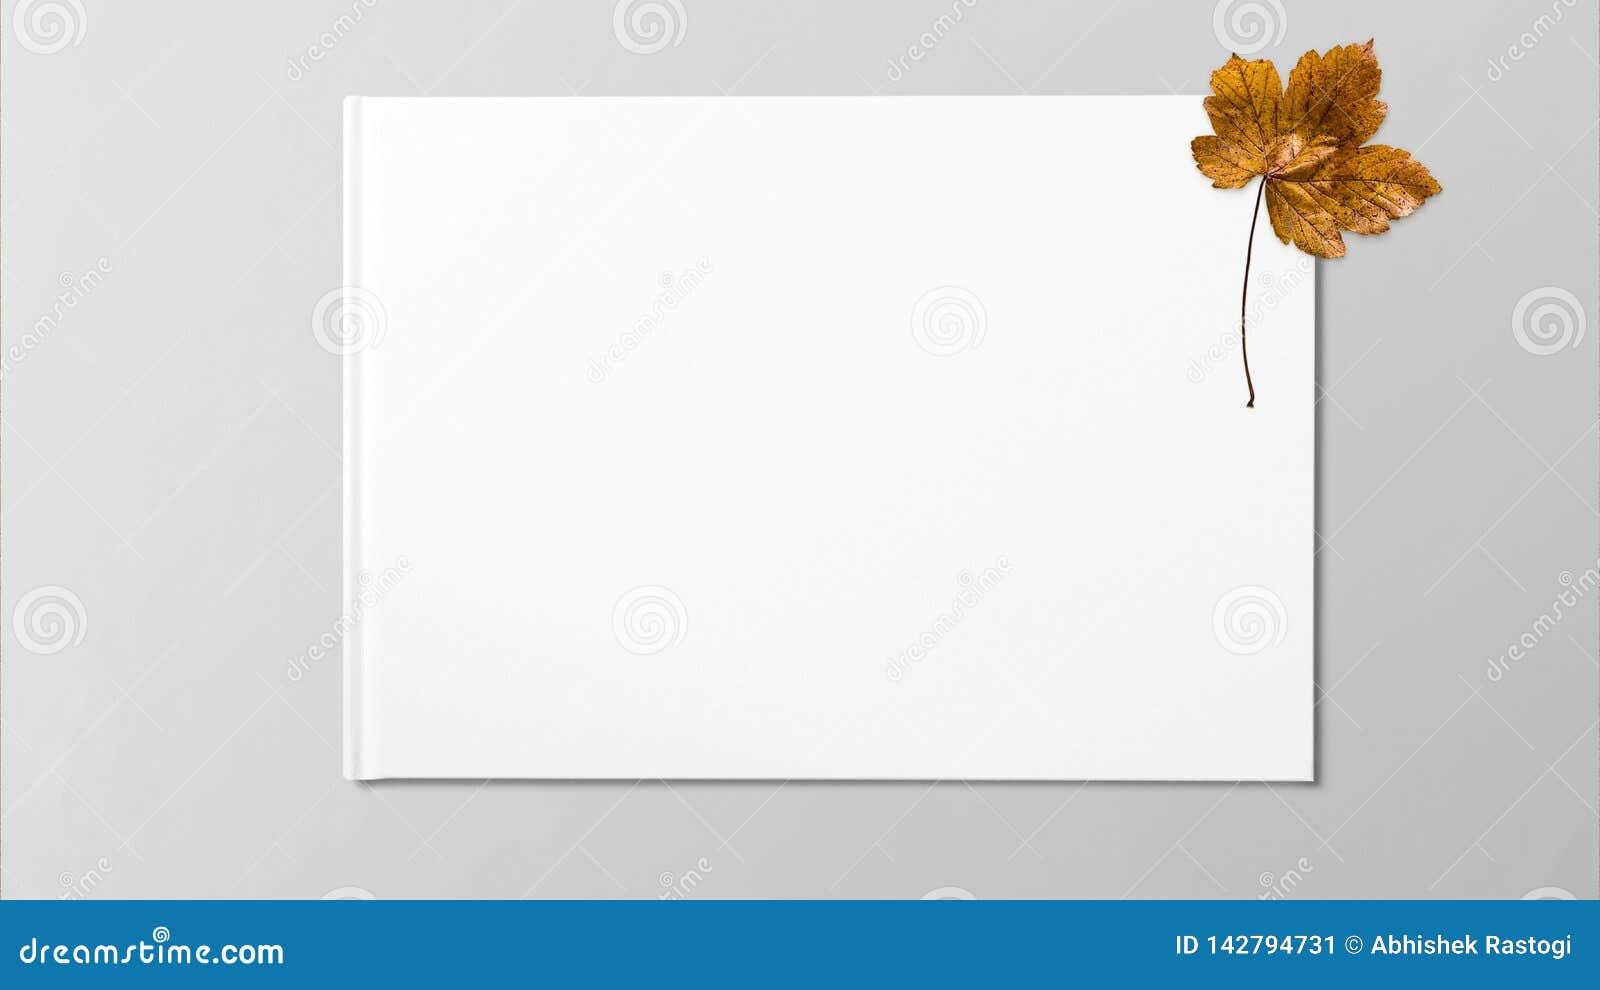 Gelbes getrocknetes Ahornblatt auf weißem Hintergrund